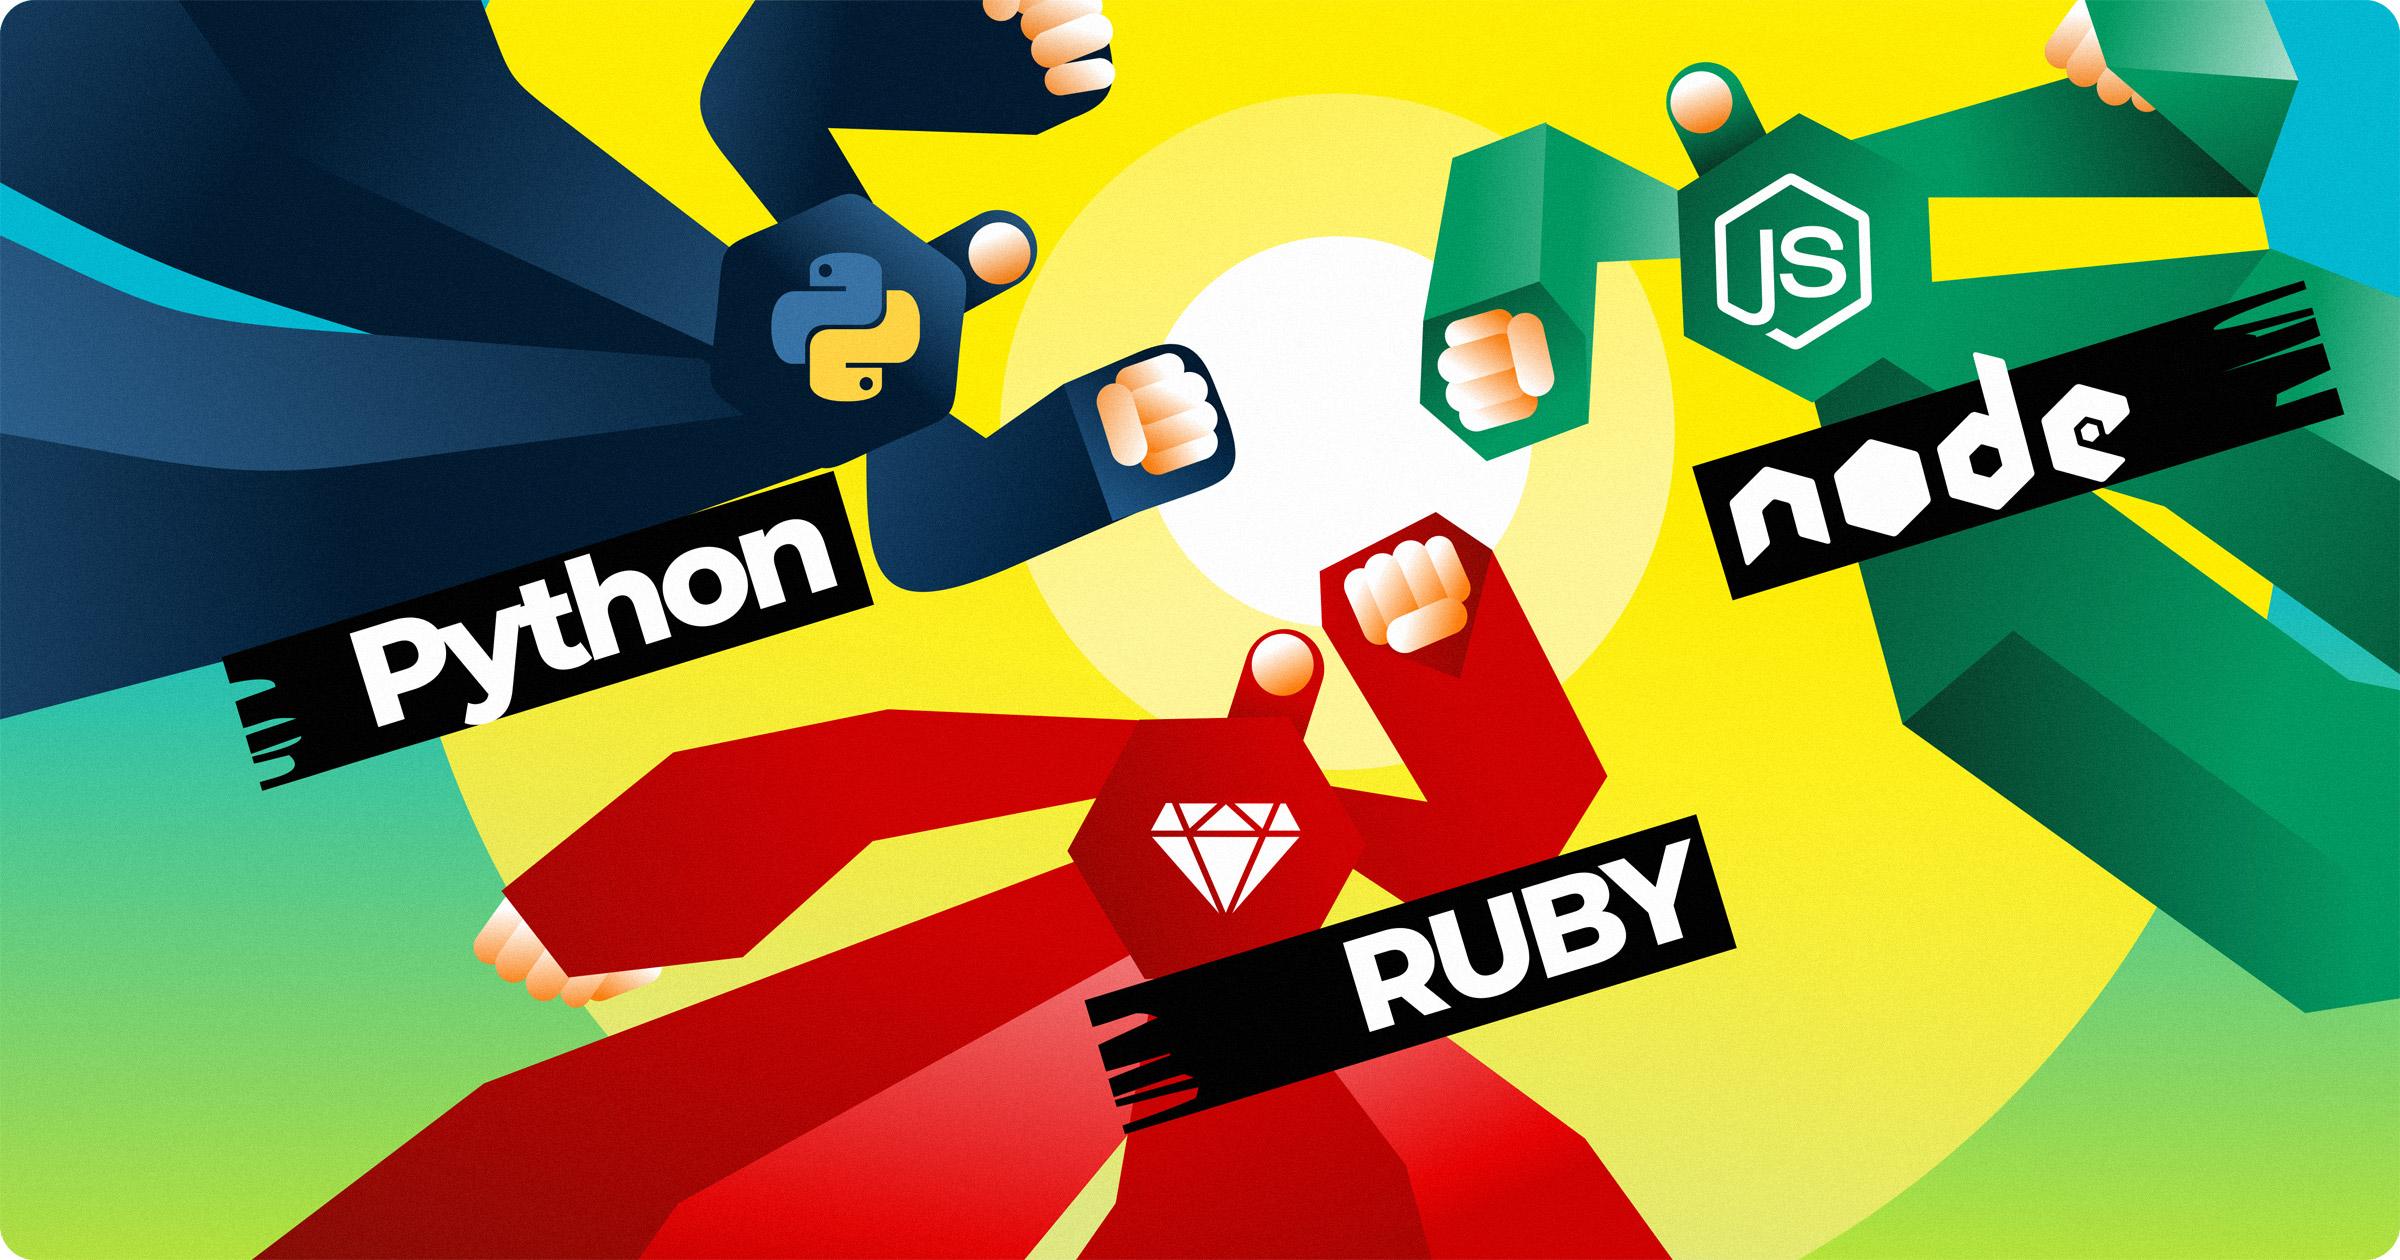 Python vs Ruby vs Node.js